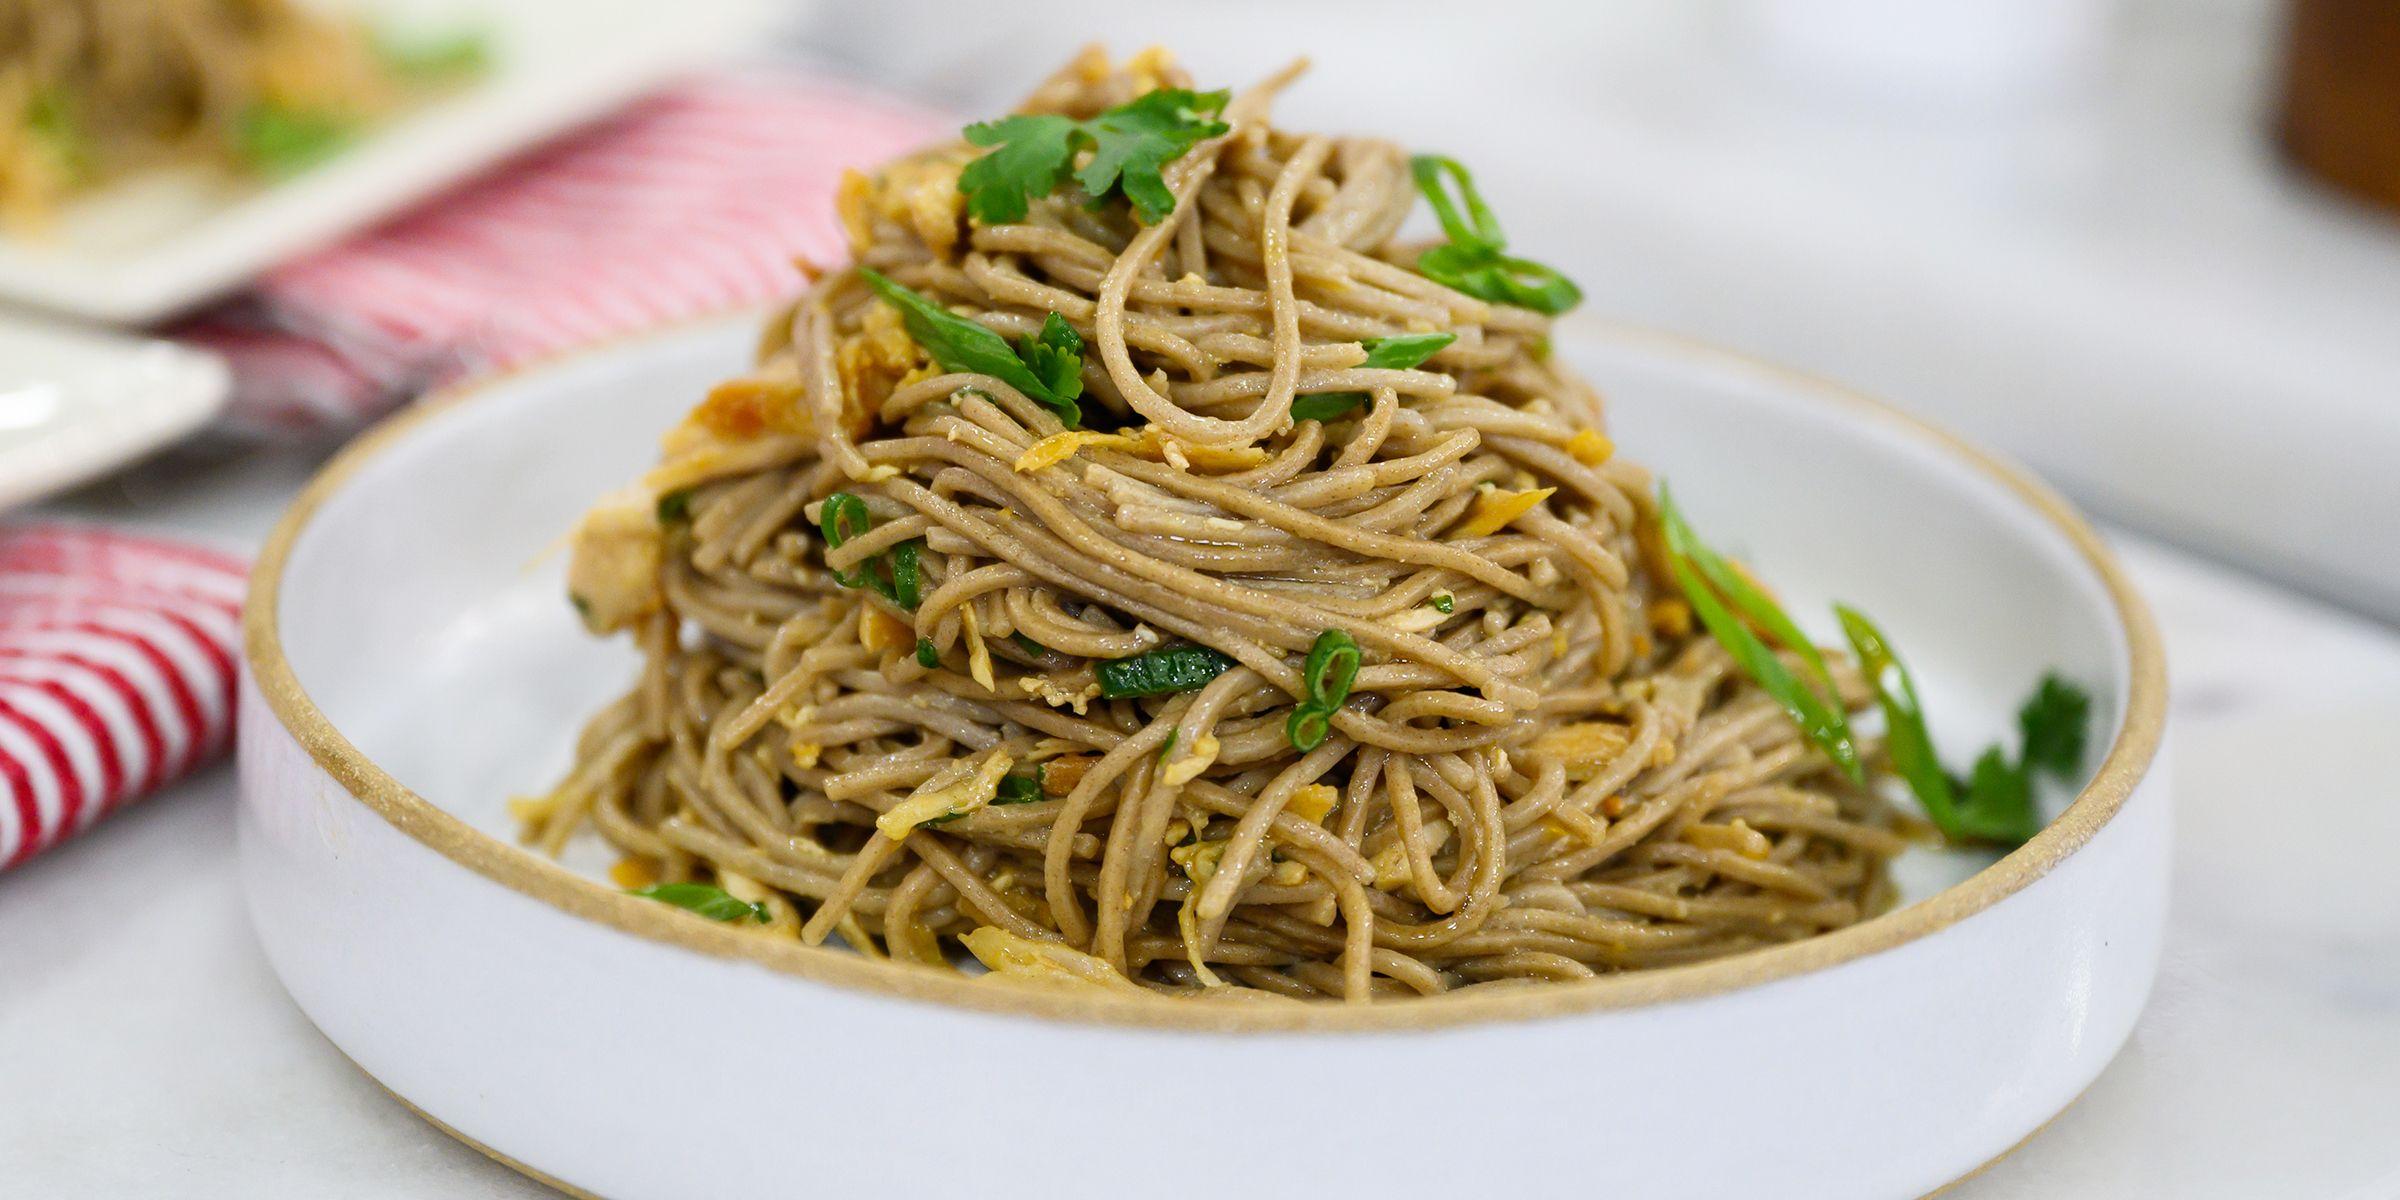 Use Leftover Turkey To Make A Flavorful Soba Noodle Salad Recipe Soba Noodles Sesame Noodle Salad Soba Noodles Salad